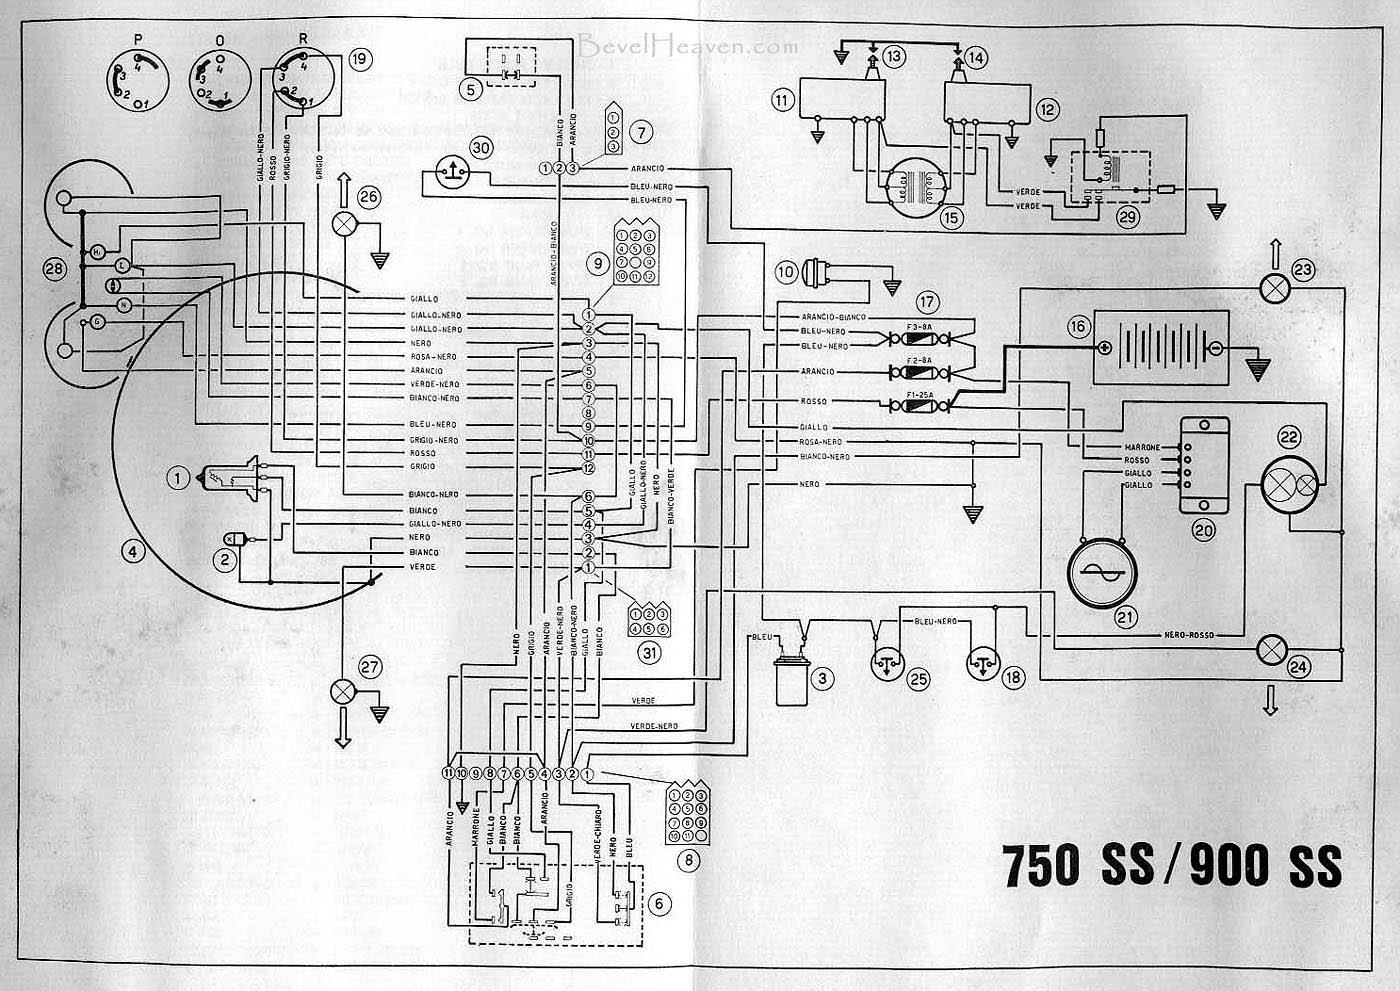 √ ducati 900 s2 wiring diagram wire schematics for ducati monster